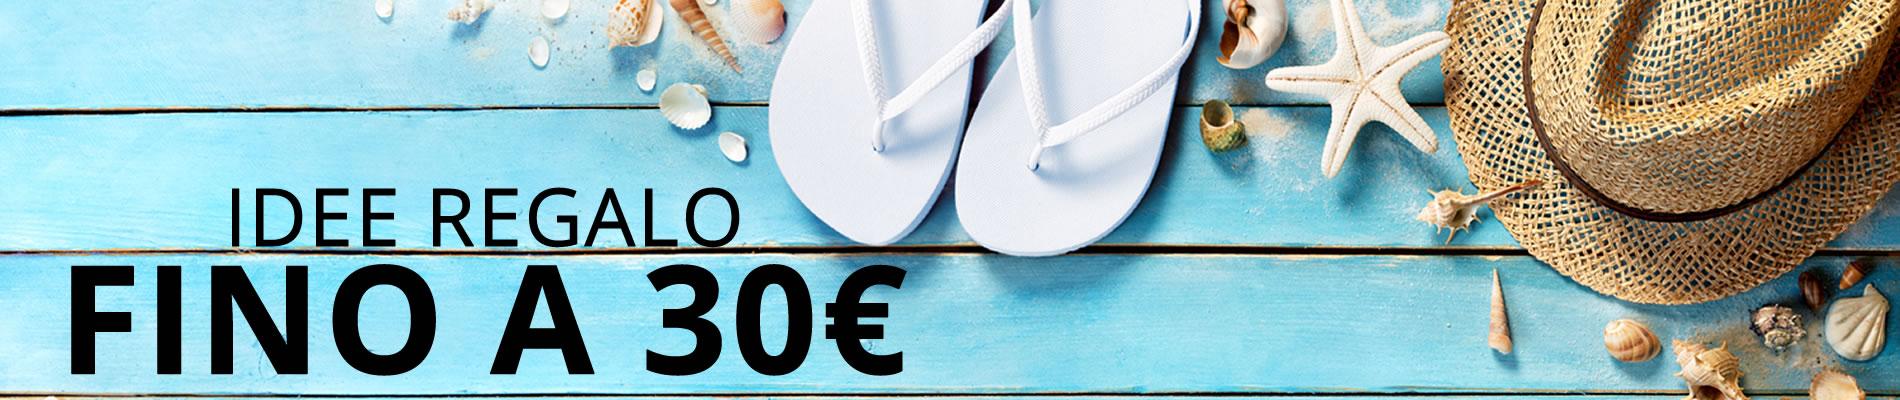 Idee Regalo fino a € 30